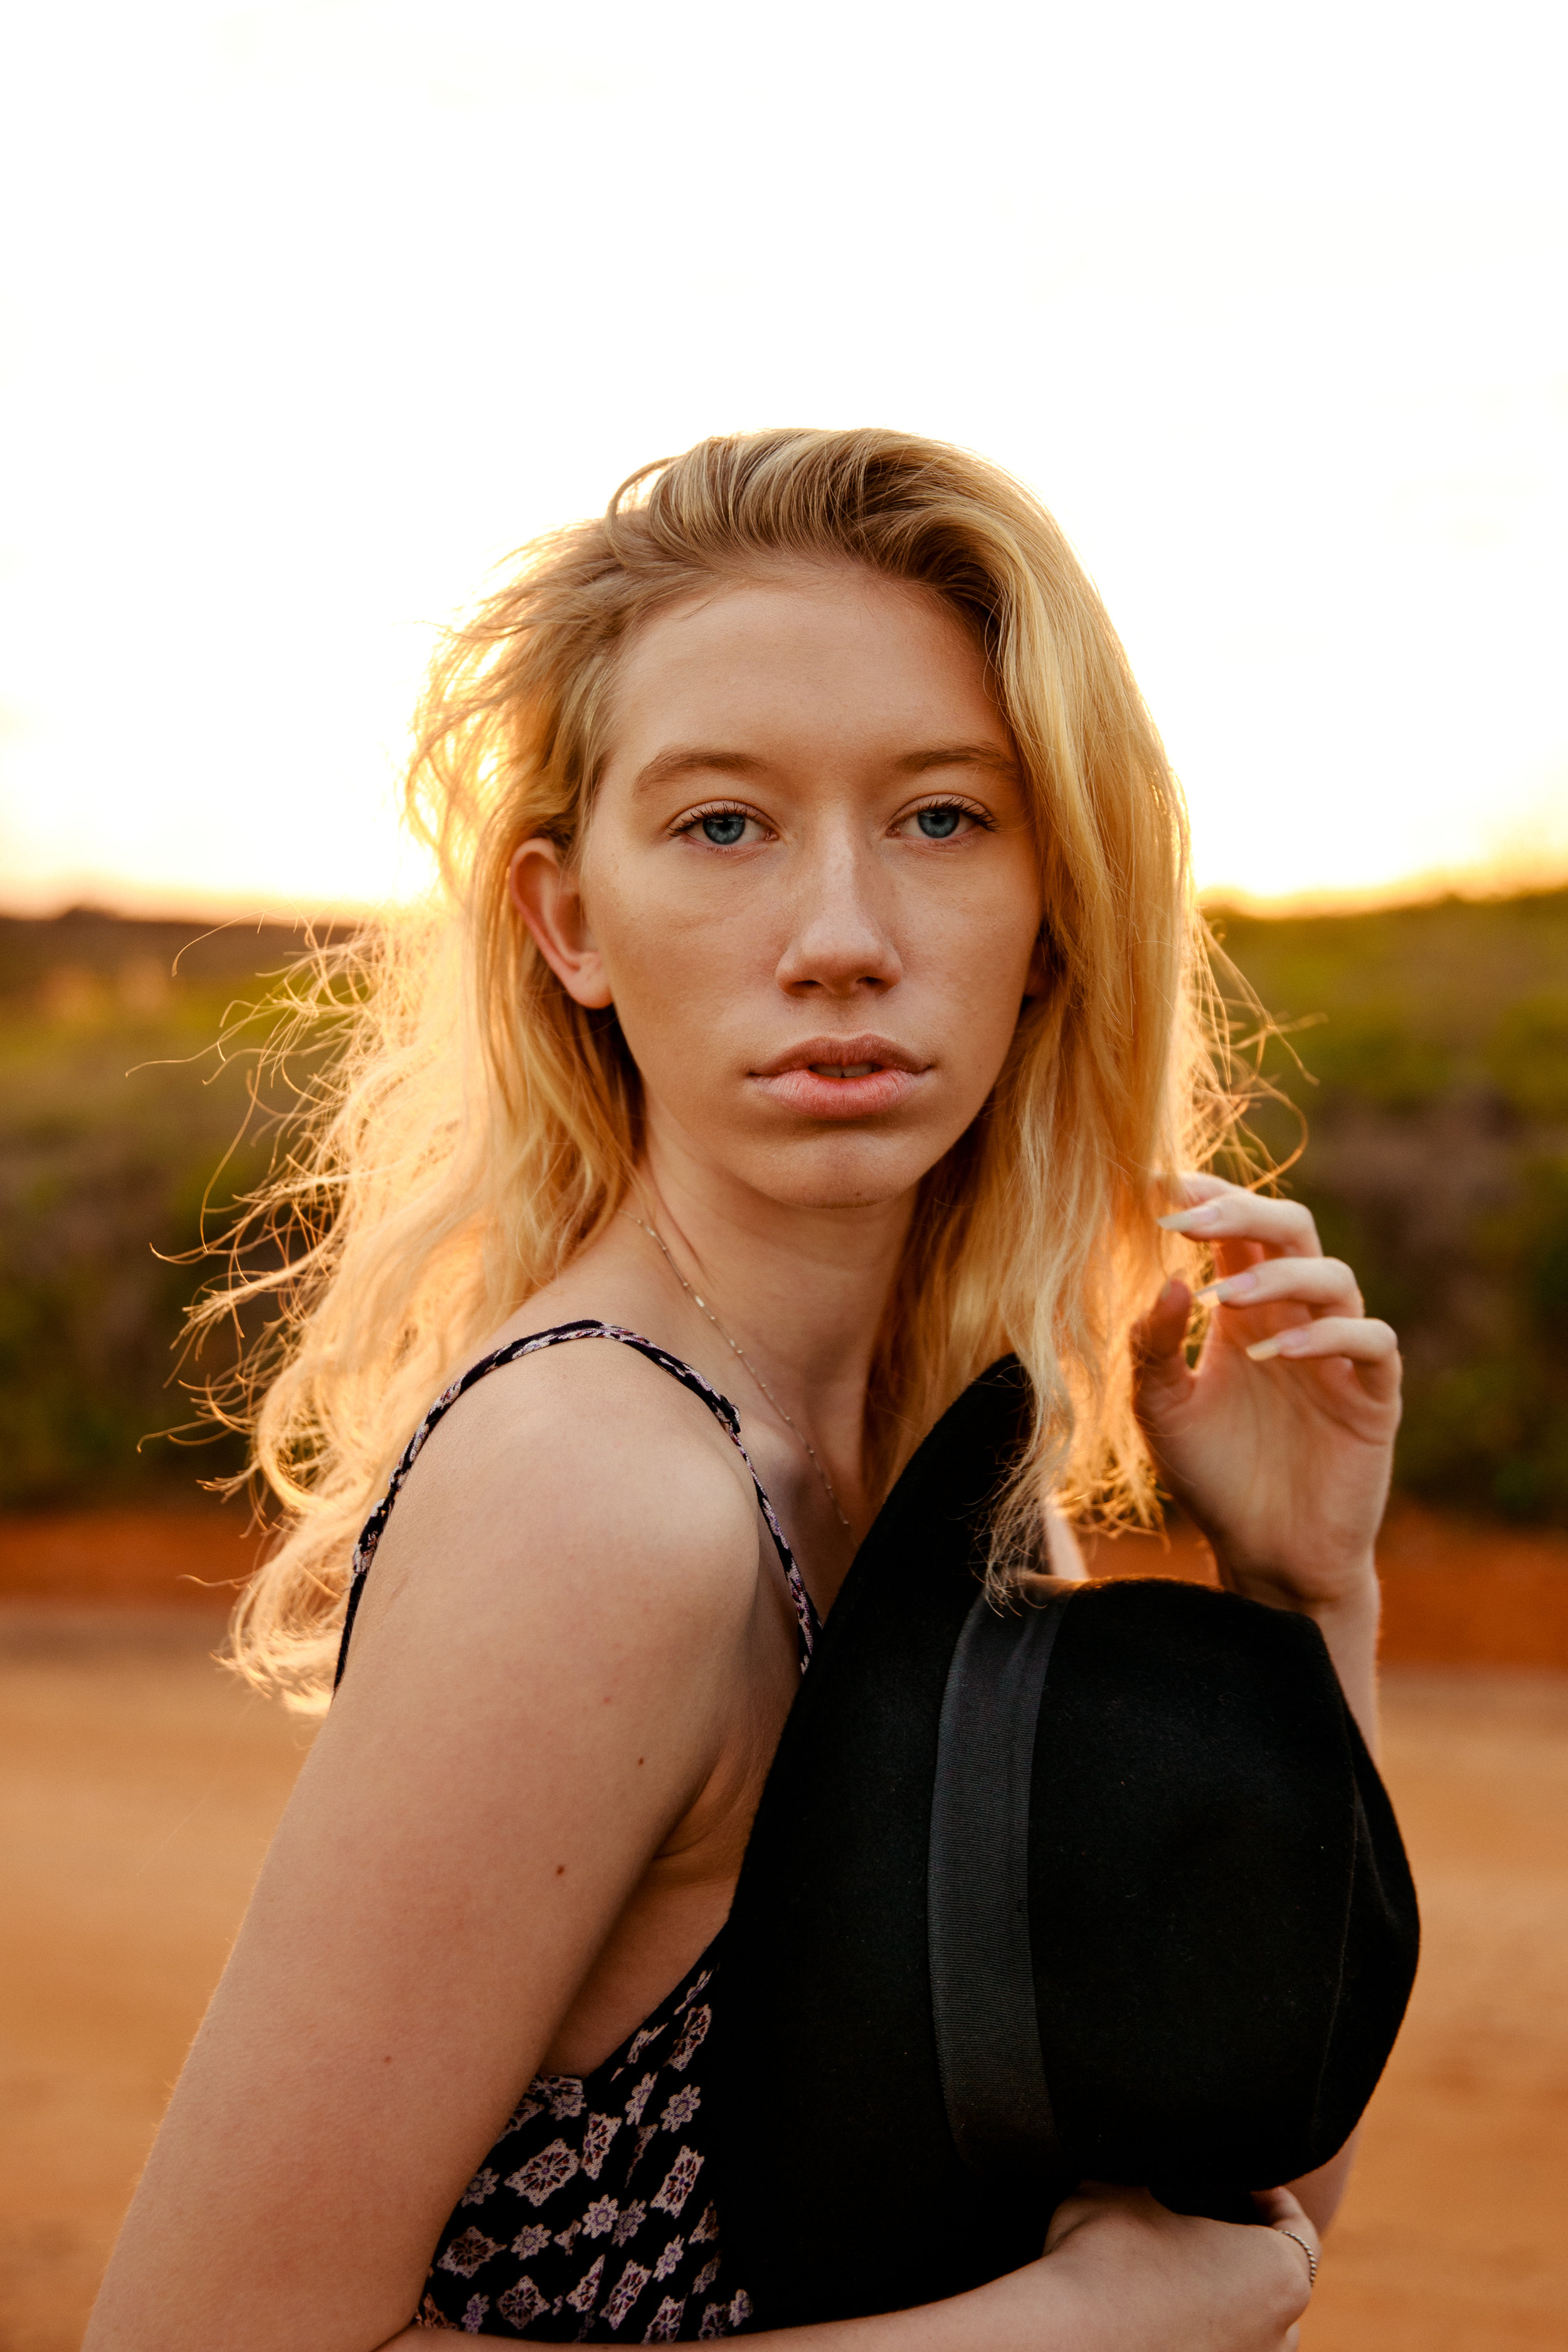 florida photographer